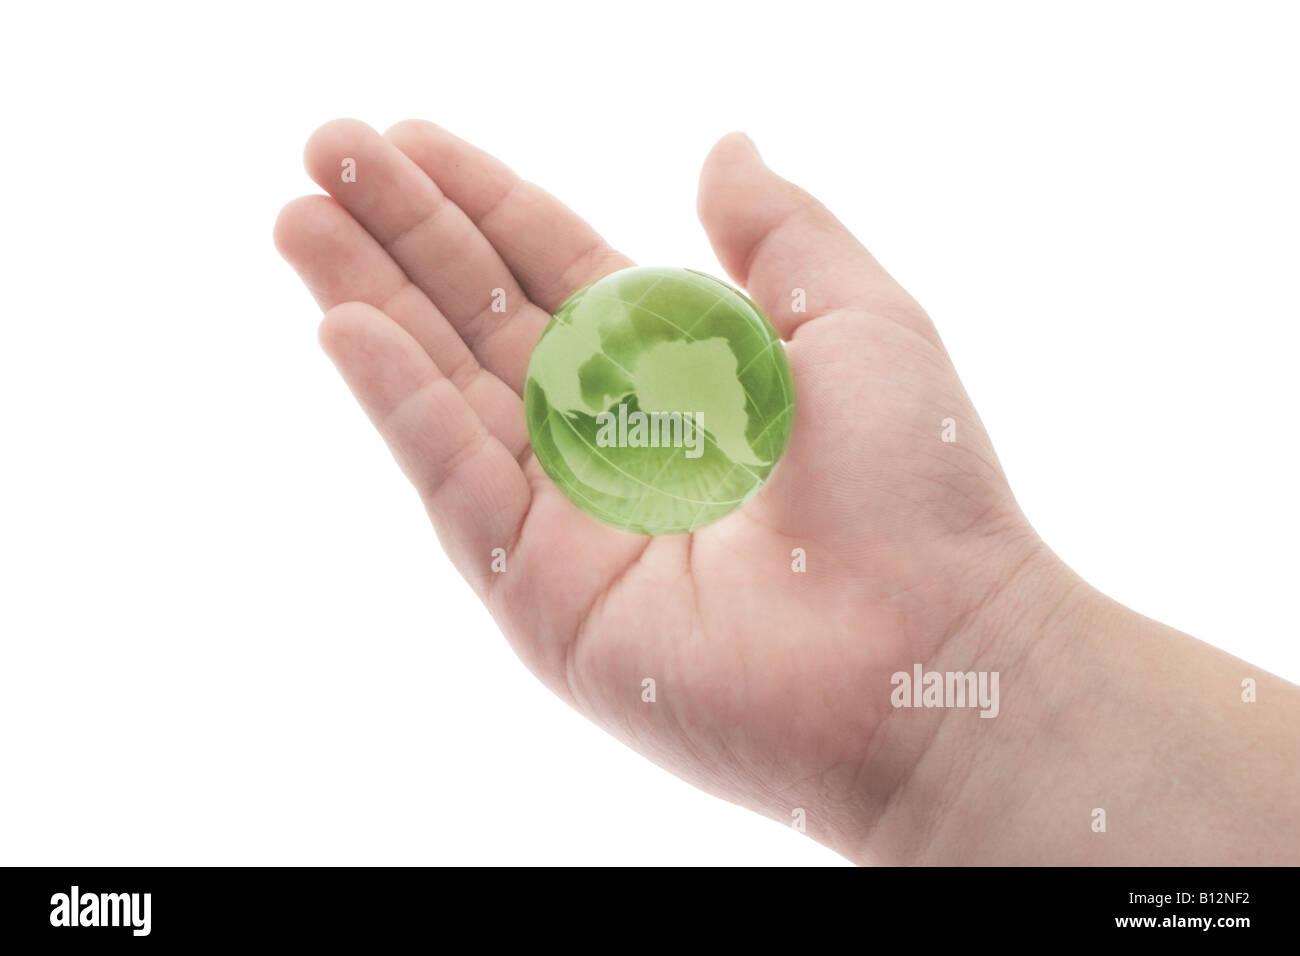 Globo de Cristal verde en la palma de la mano del niño sobre fondo blanco. Imagen De Stock